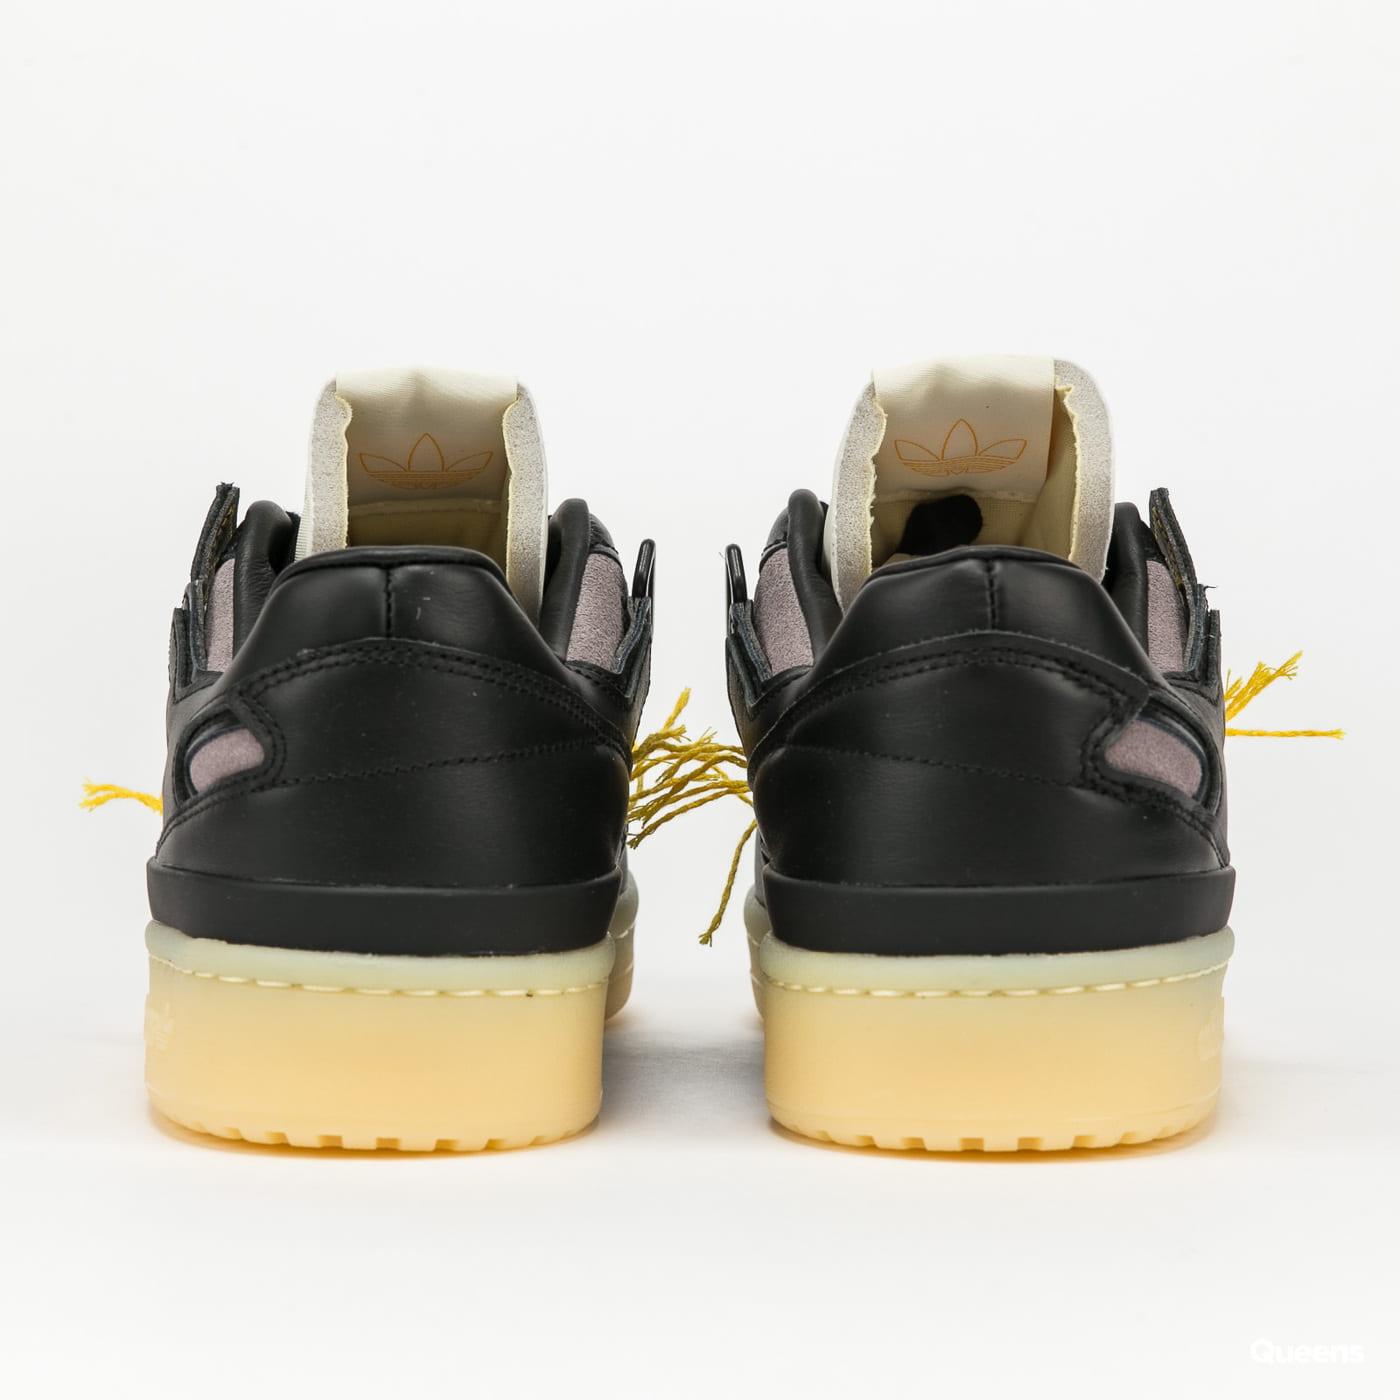 adidas Originals Forum 84 Low Premium cblack / cwhite / easyel